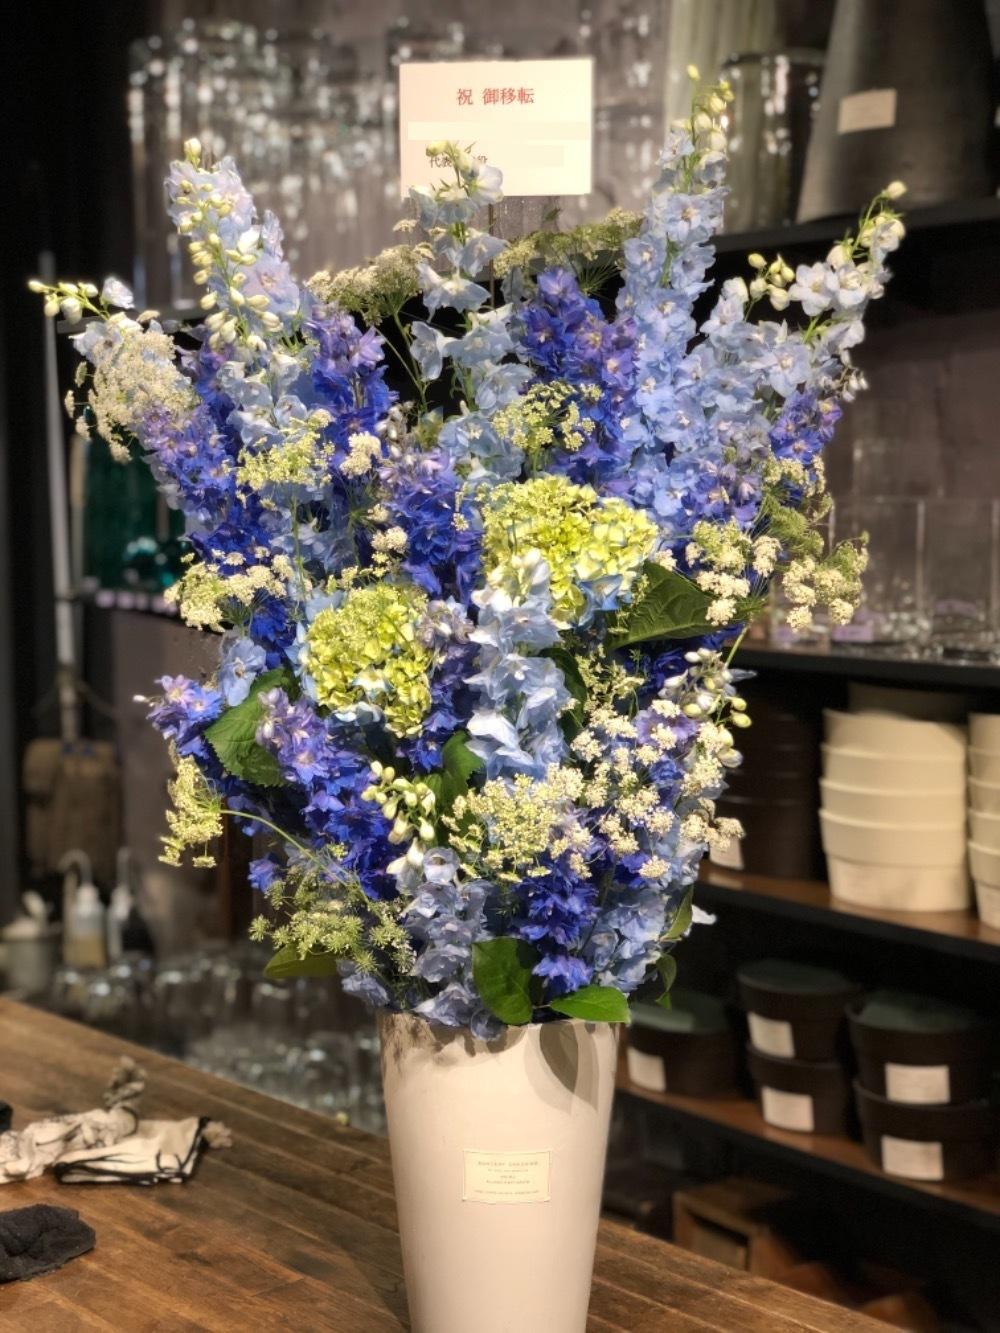 コーポレートカラーでお作りした法人様のご移転祝い花